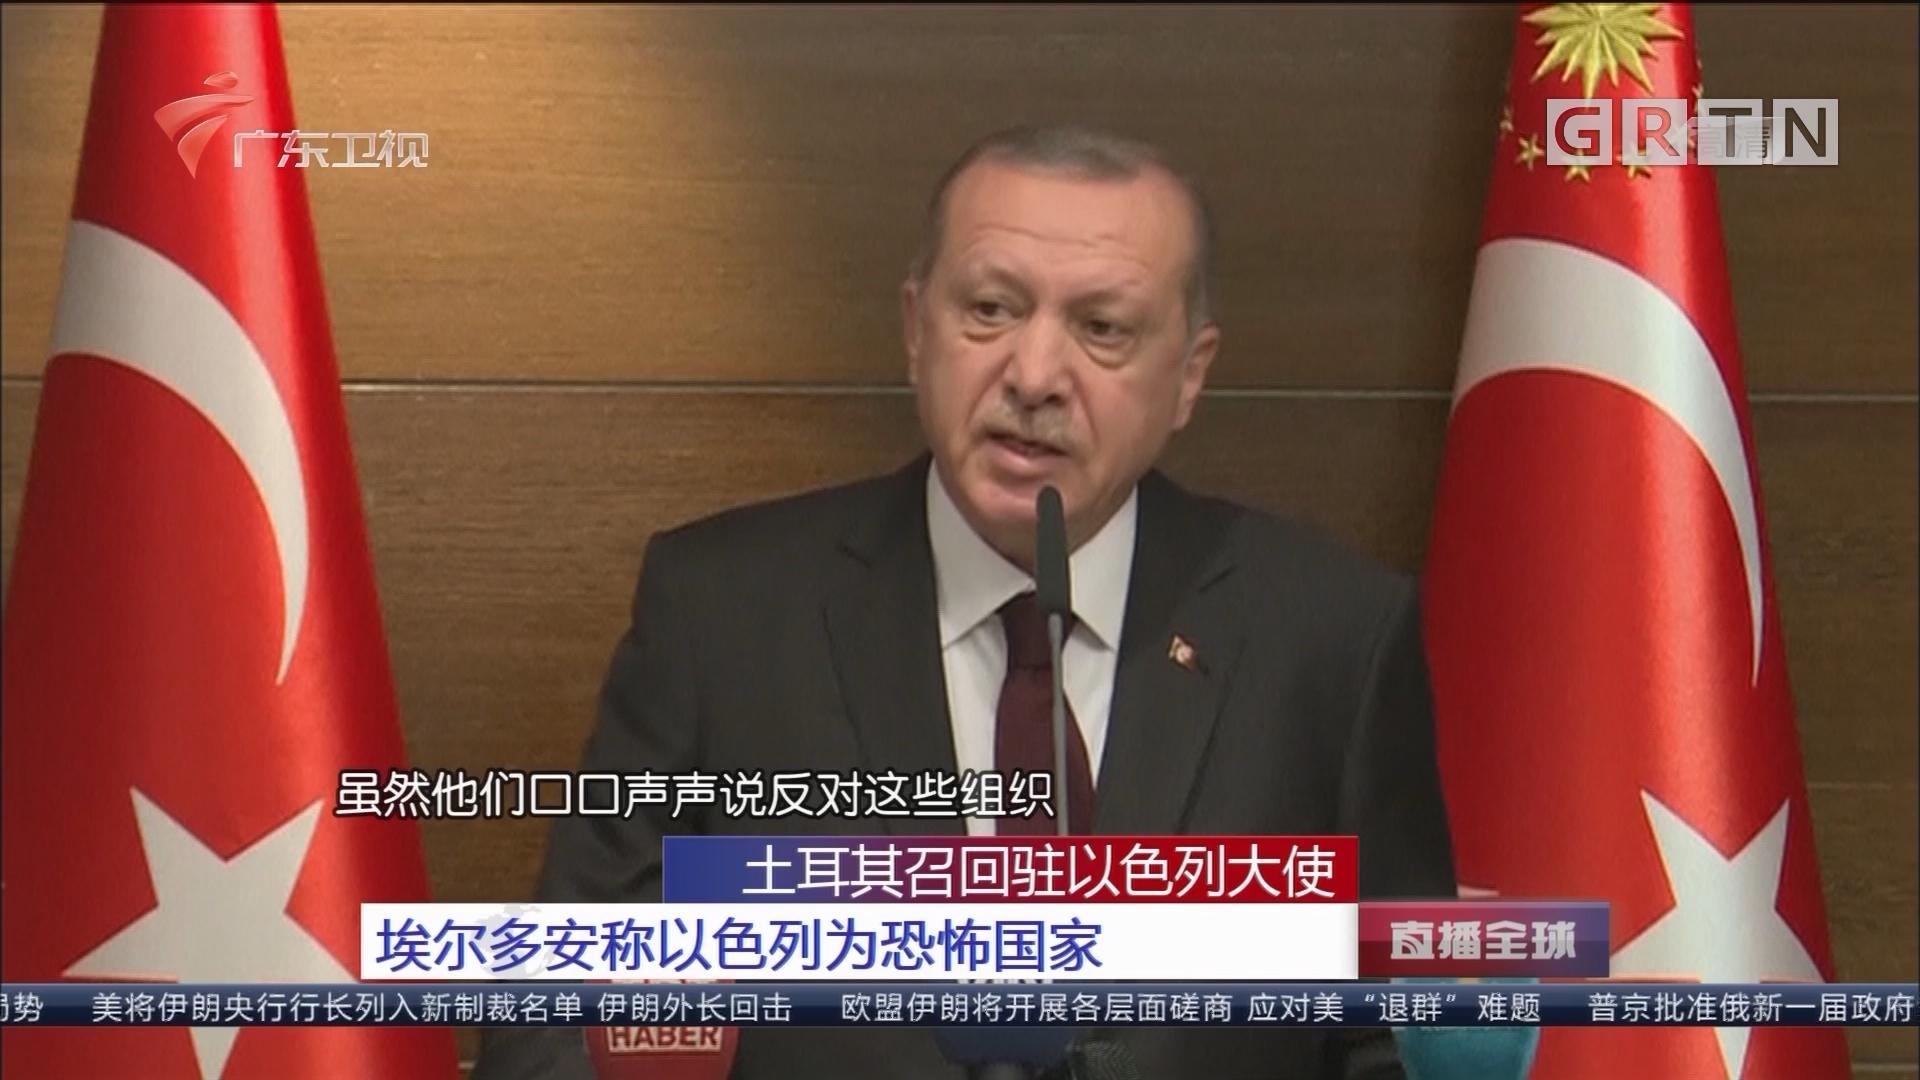 土耳其召回驻以色列大使 埃尔多安称以色列为恐怖国家